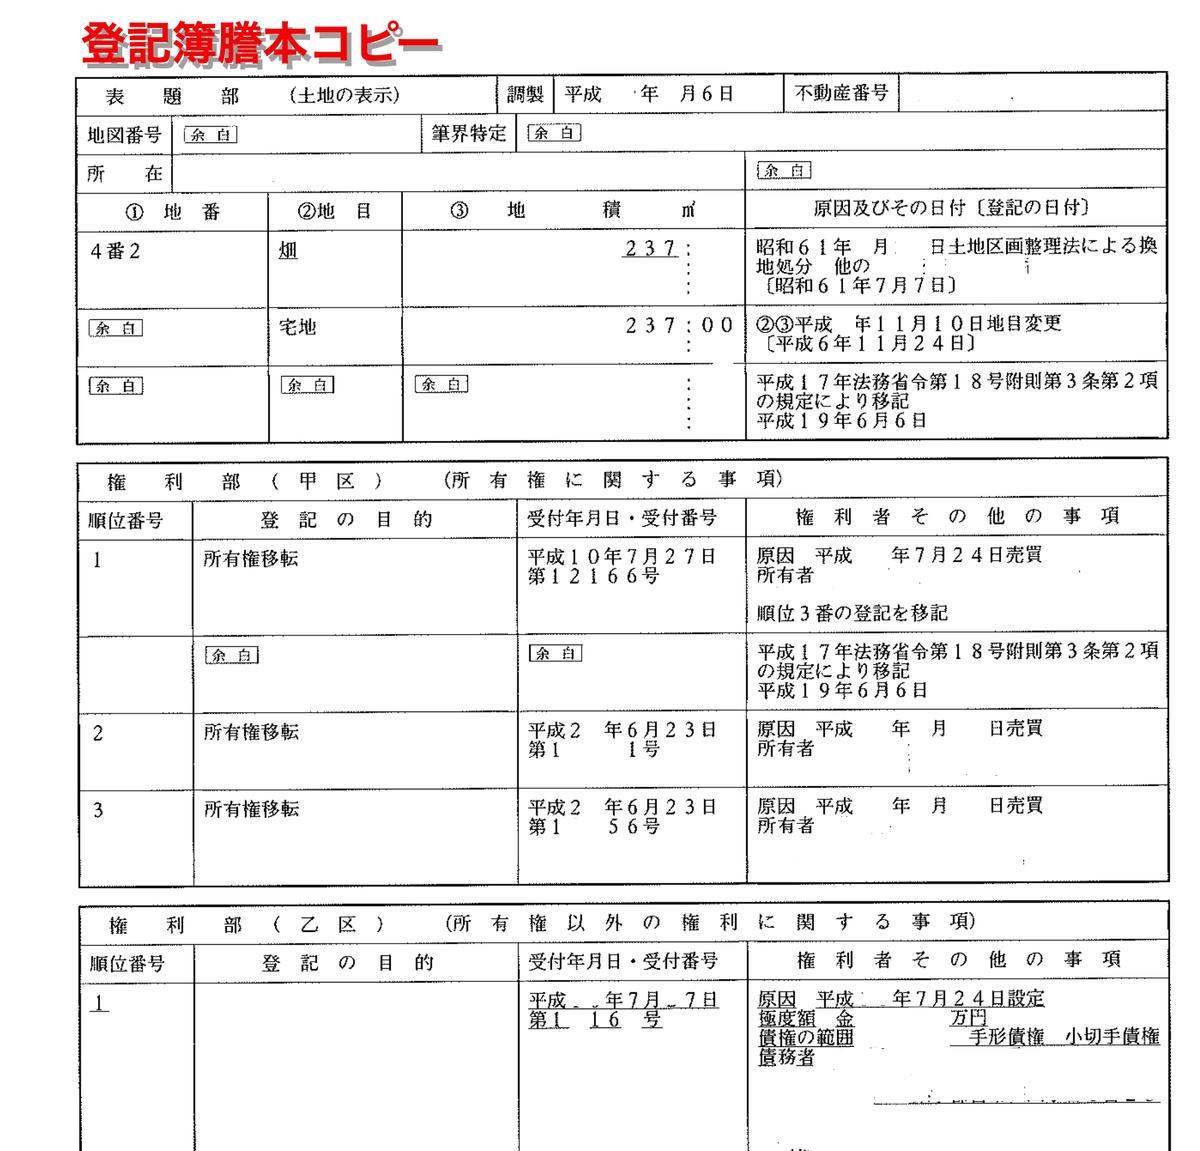 f:id:Taro0212:20210608100249j:plain